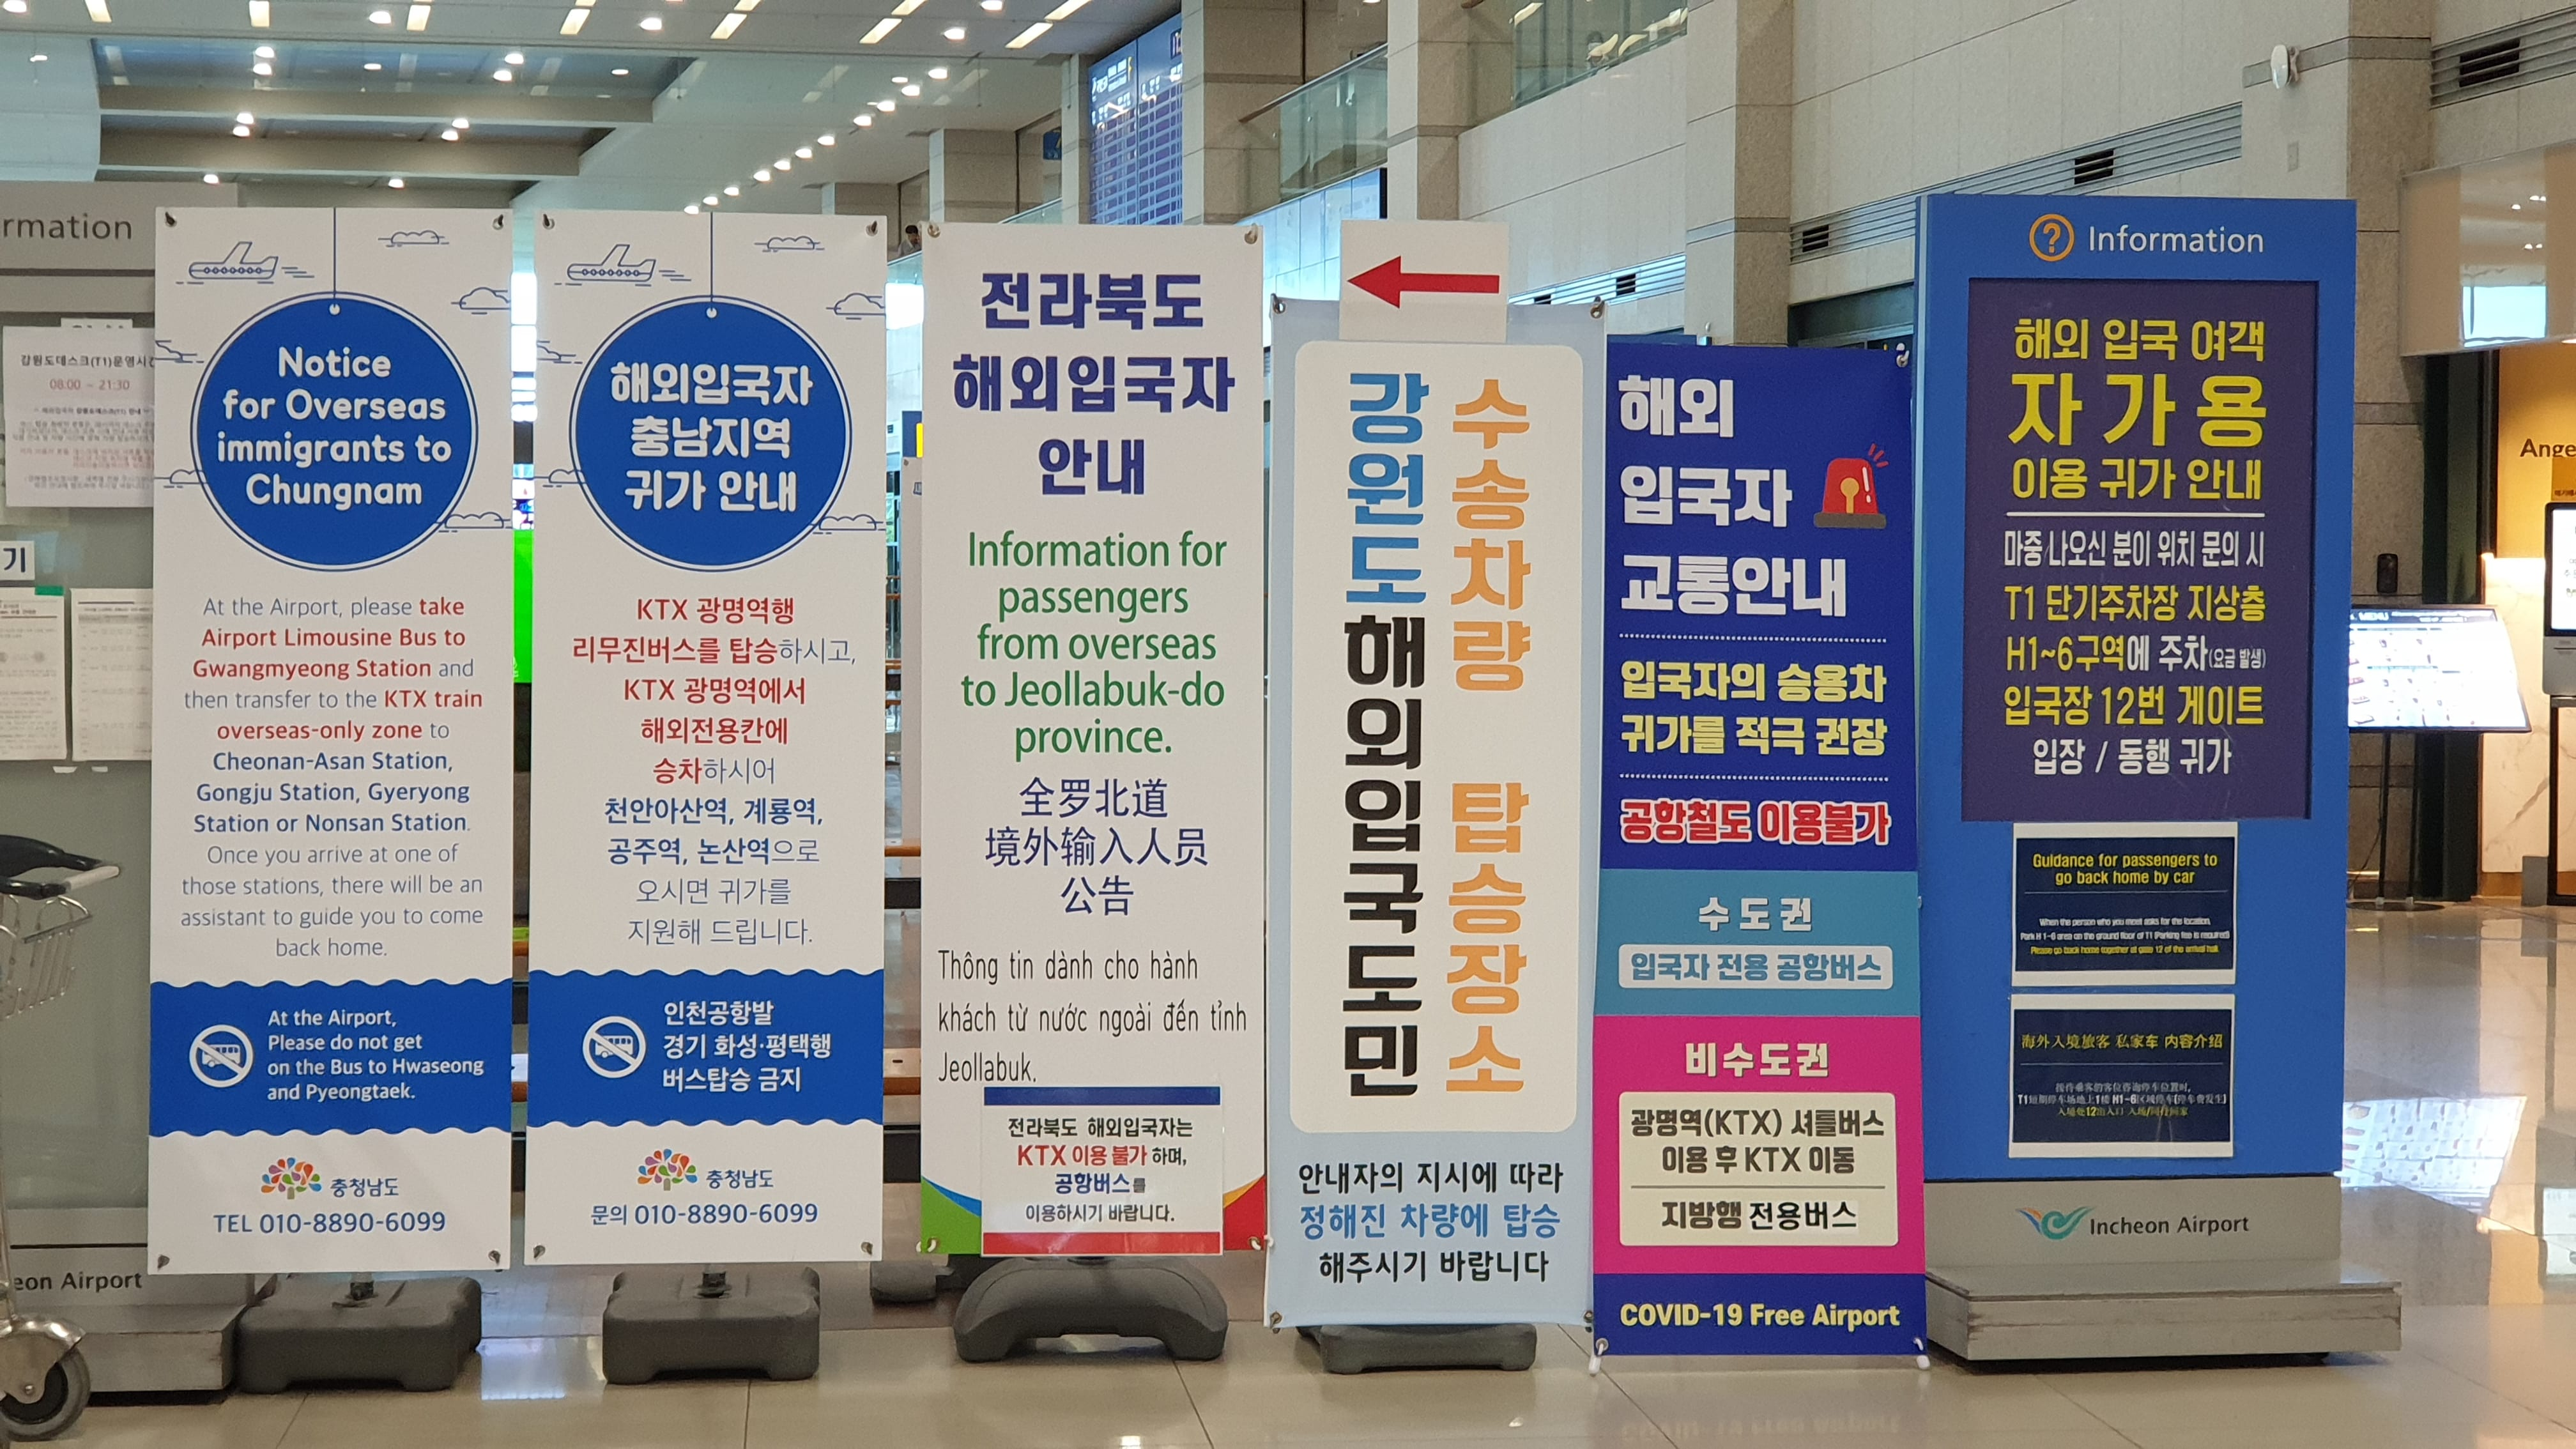 仁川空港での入国レポート(2020/7/16コロナ流行時の手続き)